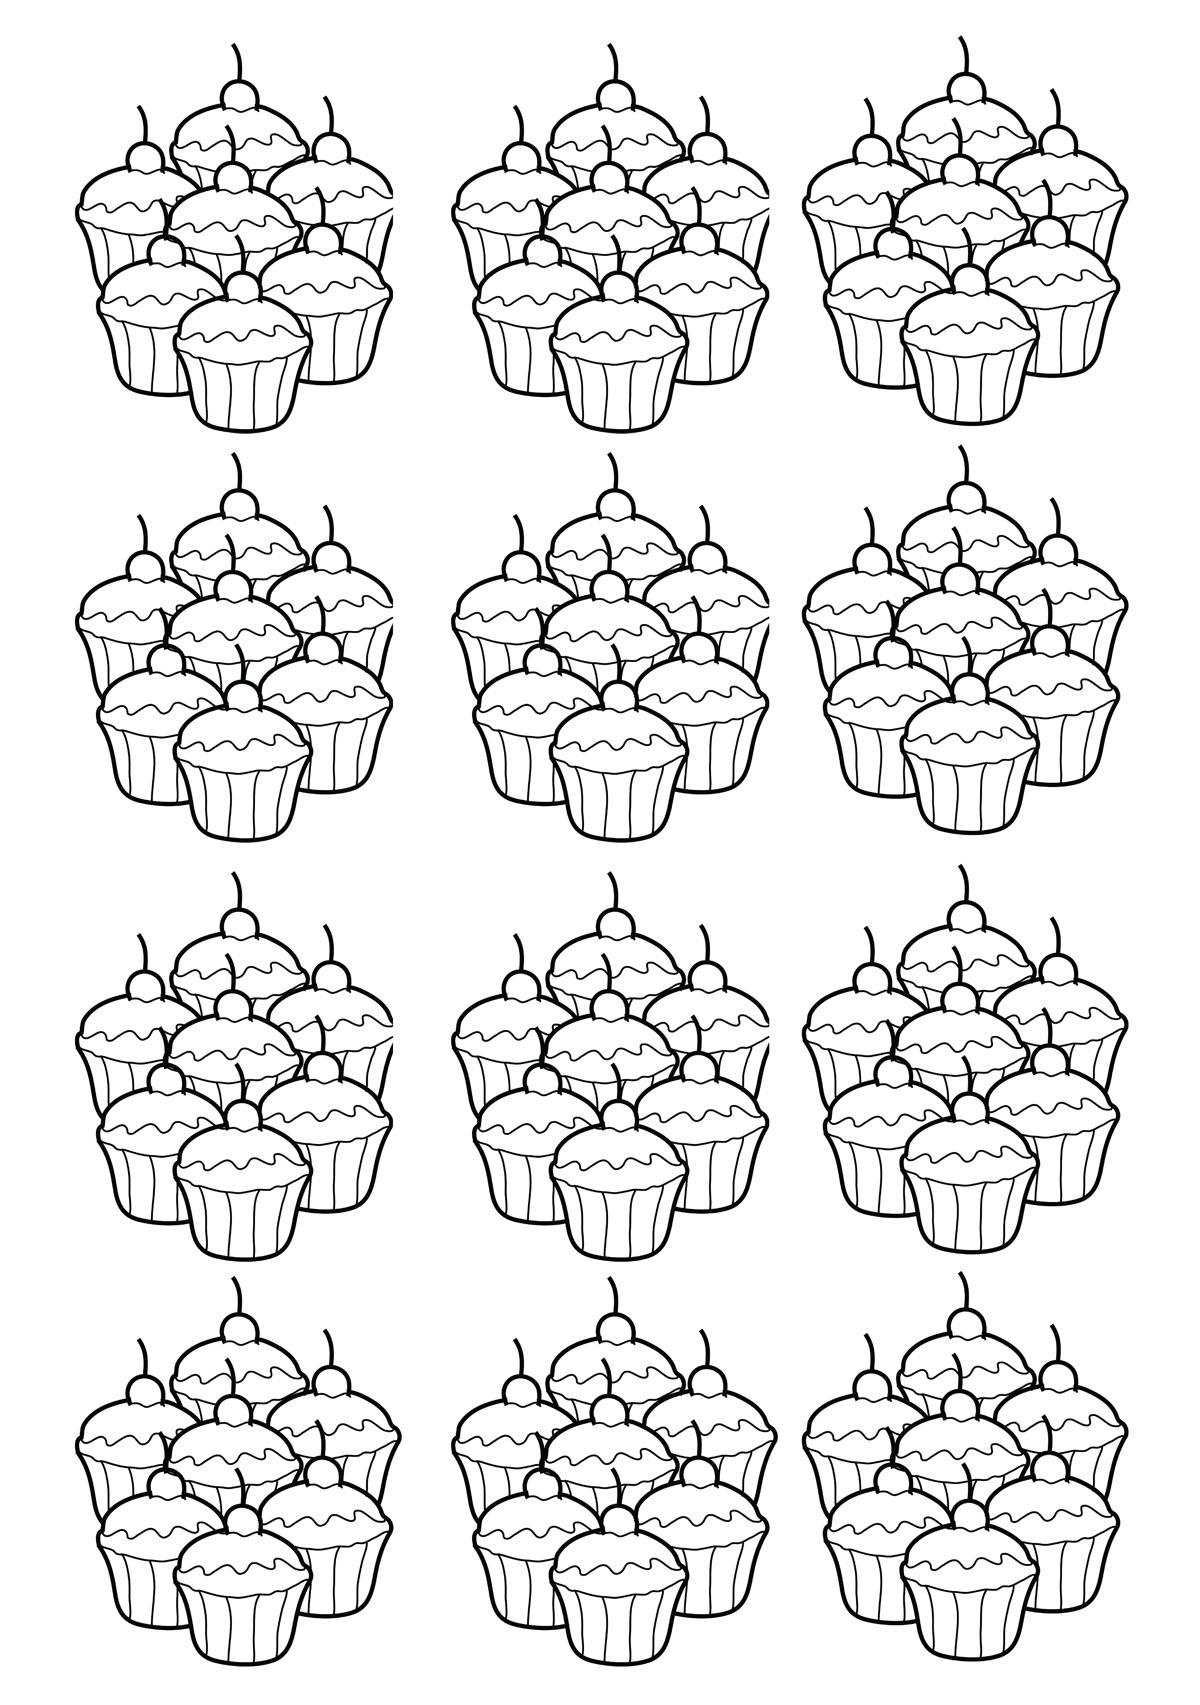 Colorear para adultos  : Cupcakes - 1